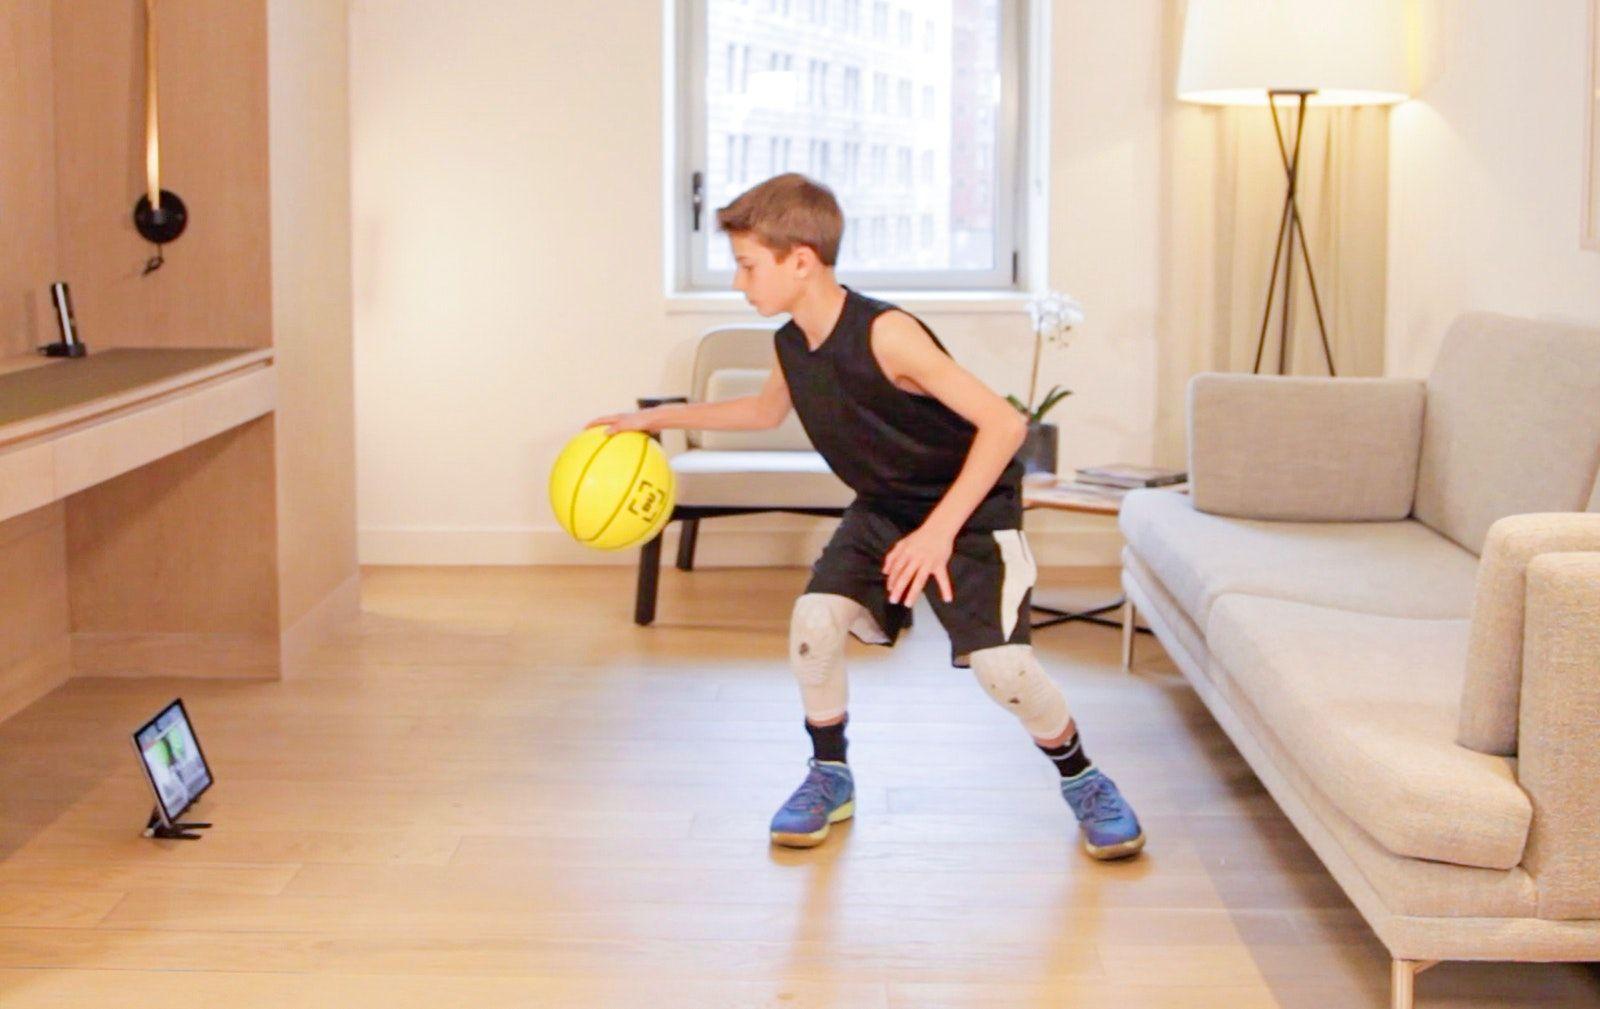 Smart Basketball By Du In